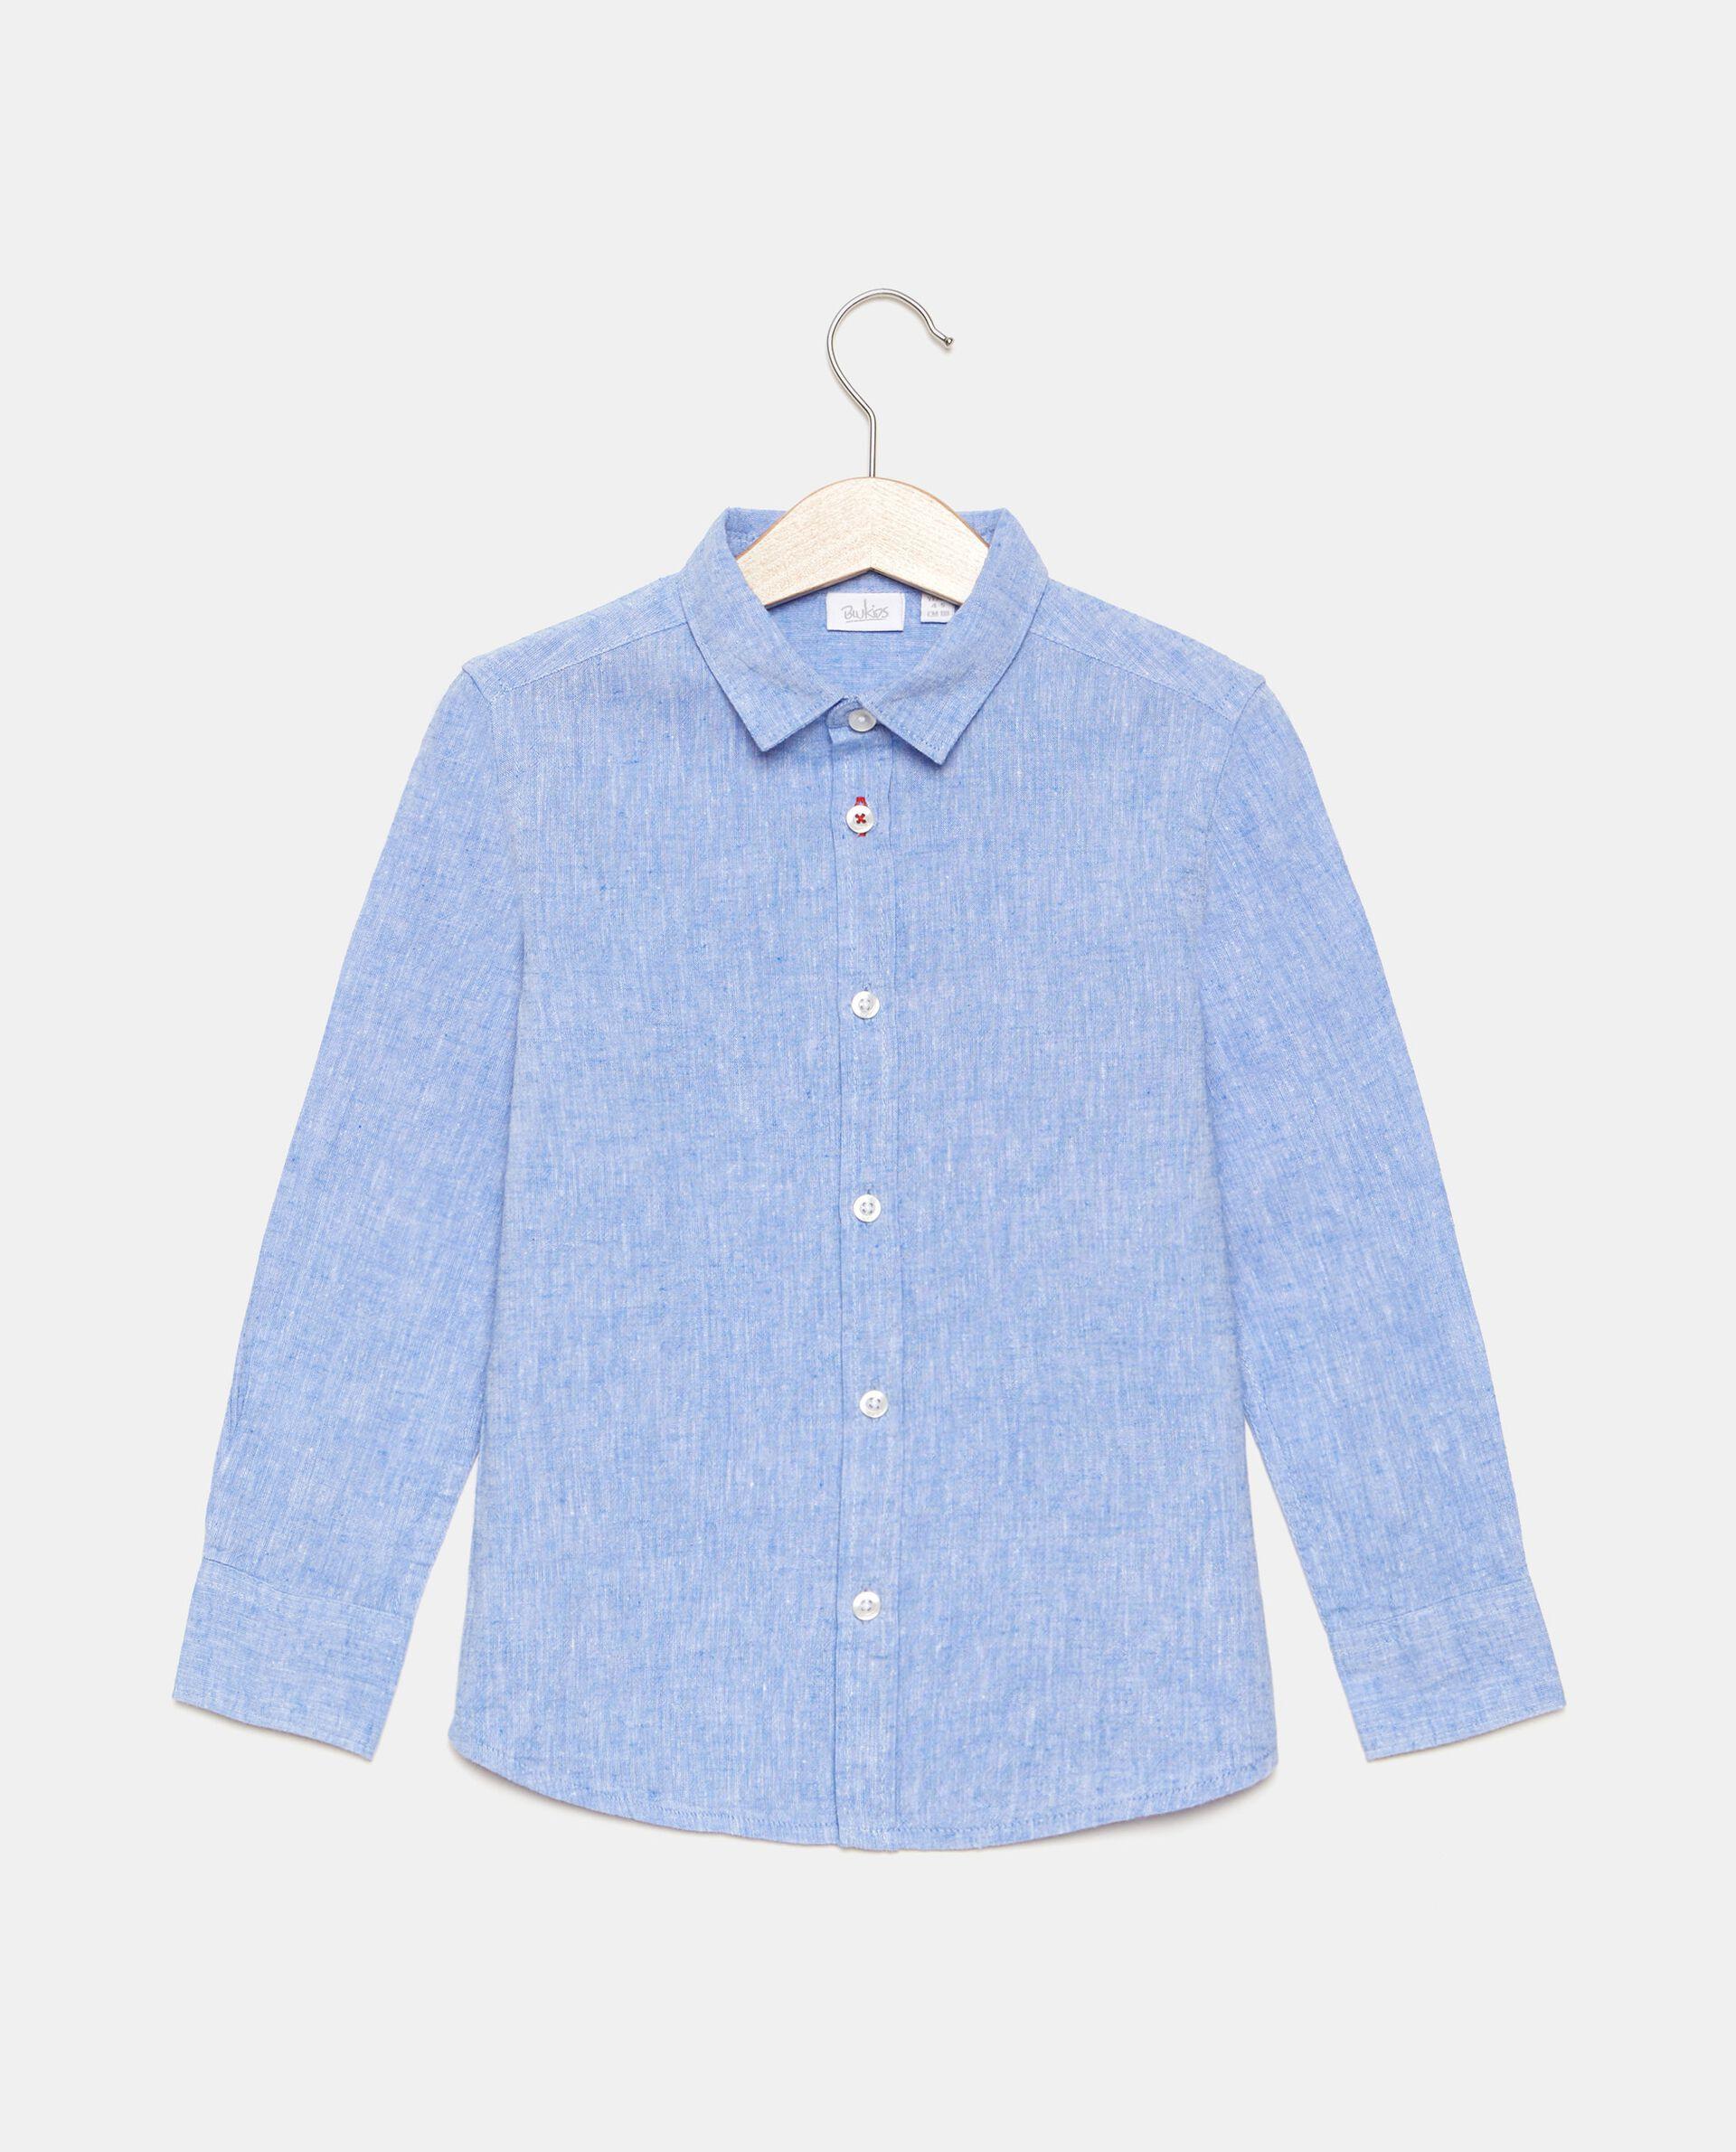 Camicia in cotone misto lino bambino